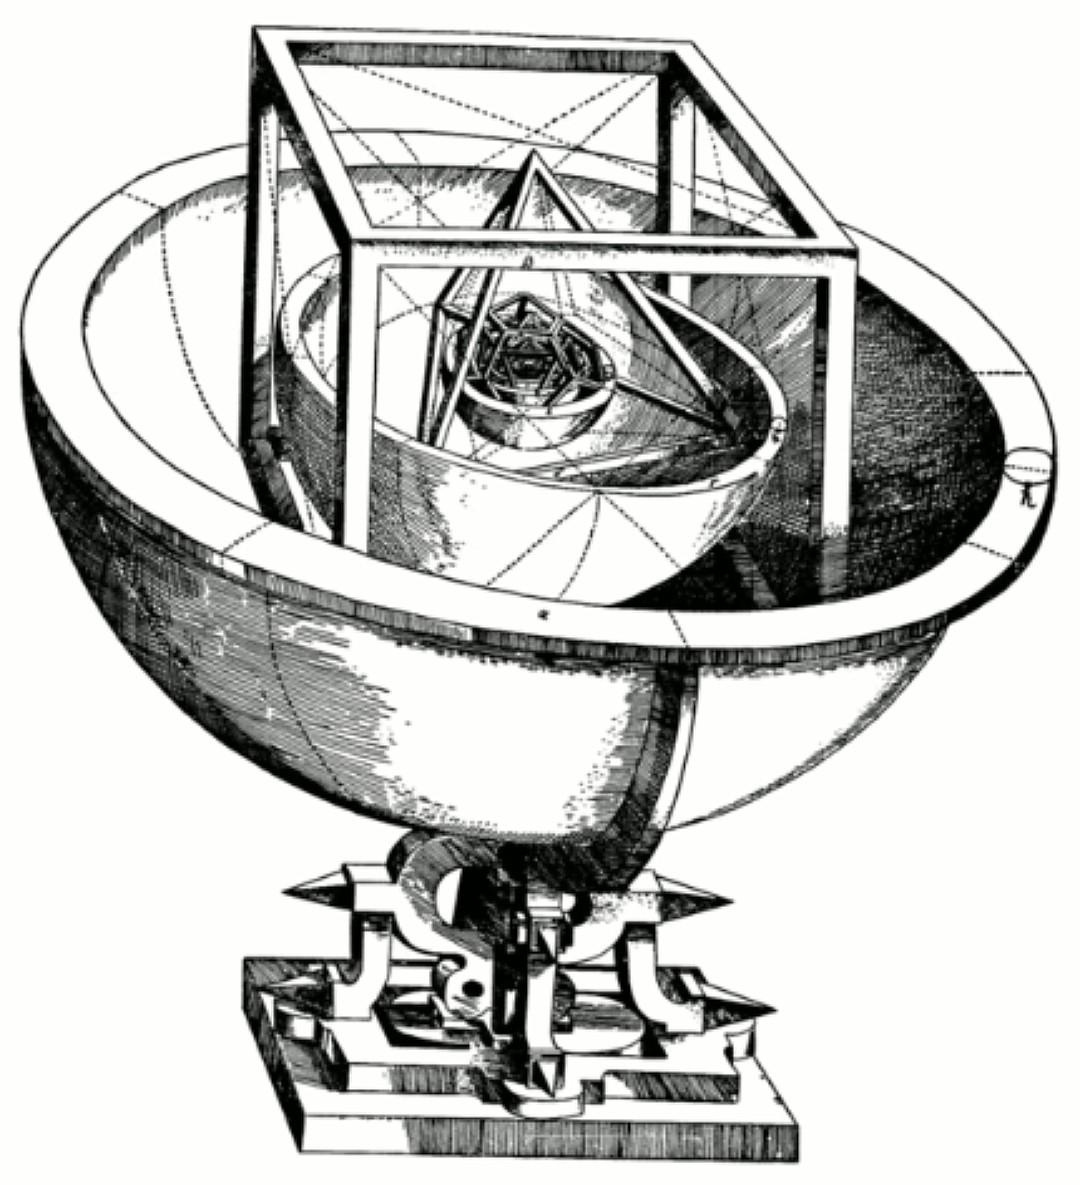 «Кубок Кеплера» - модель Солнечной системы из пяти платоновых тел